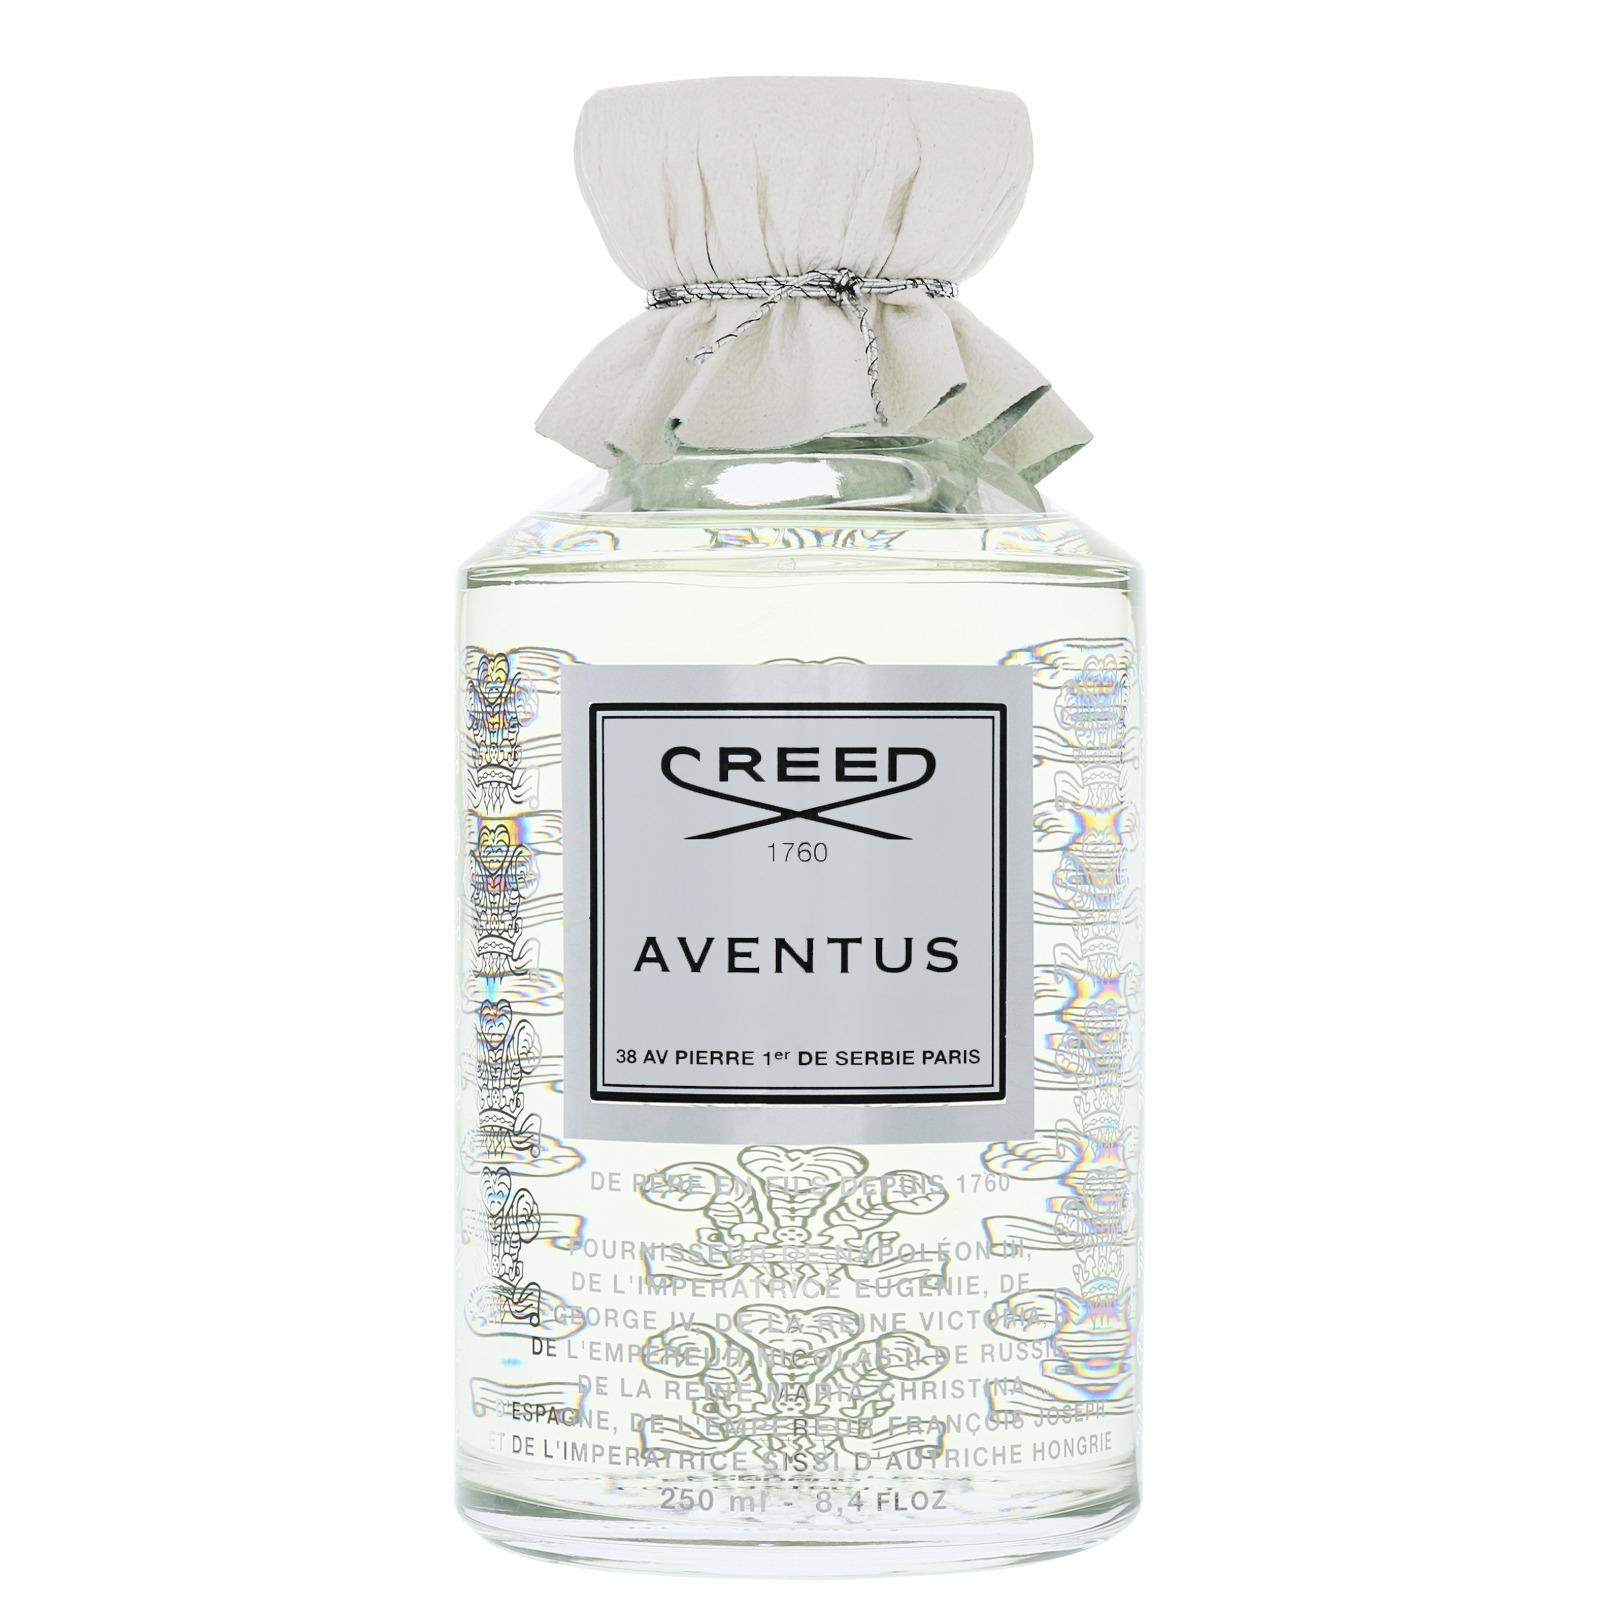 Creed Aventus Eau De Parfum Splash 250ml £423 Delivered @ allbeauty